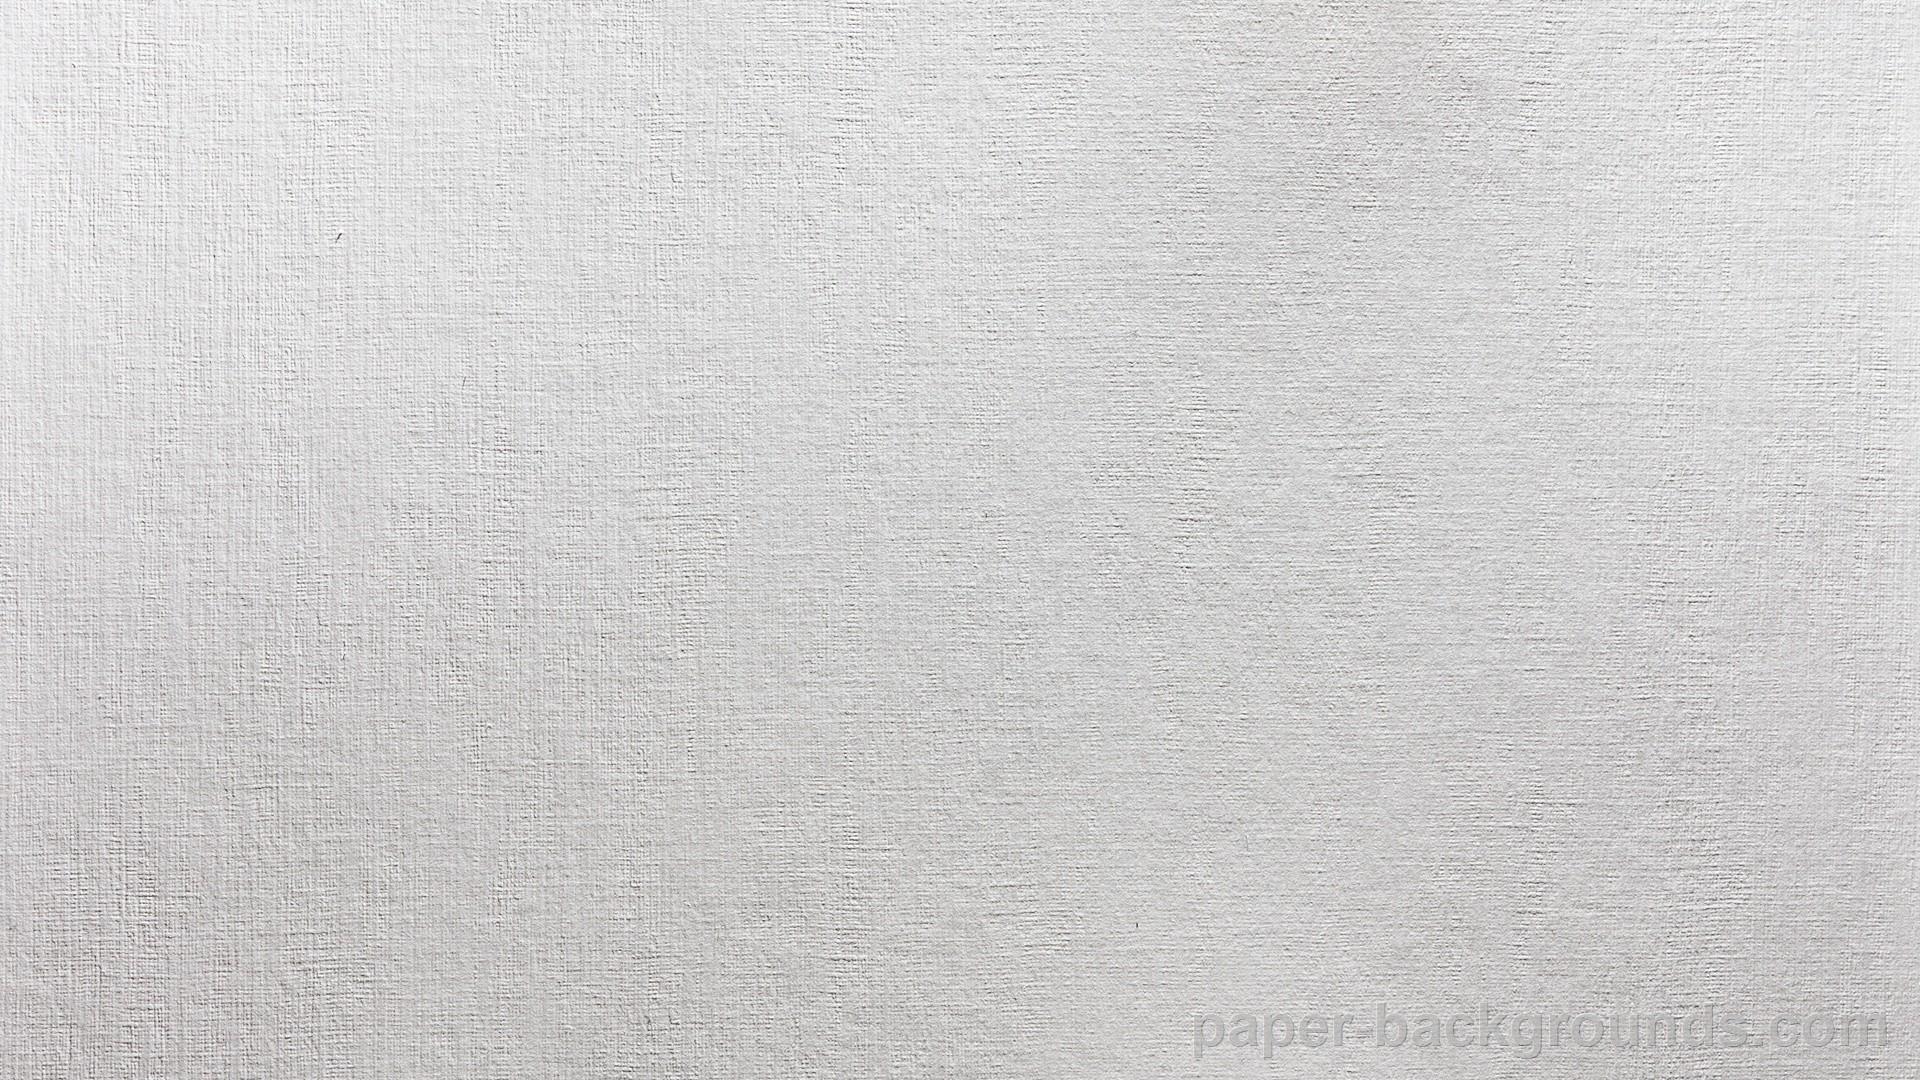 Texture Ground Back White Textured Textureimages Desktop Wallpaper .